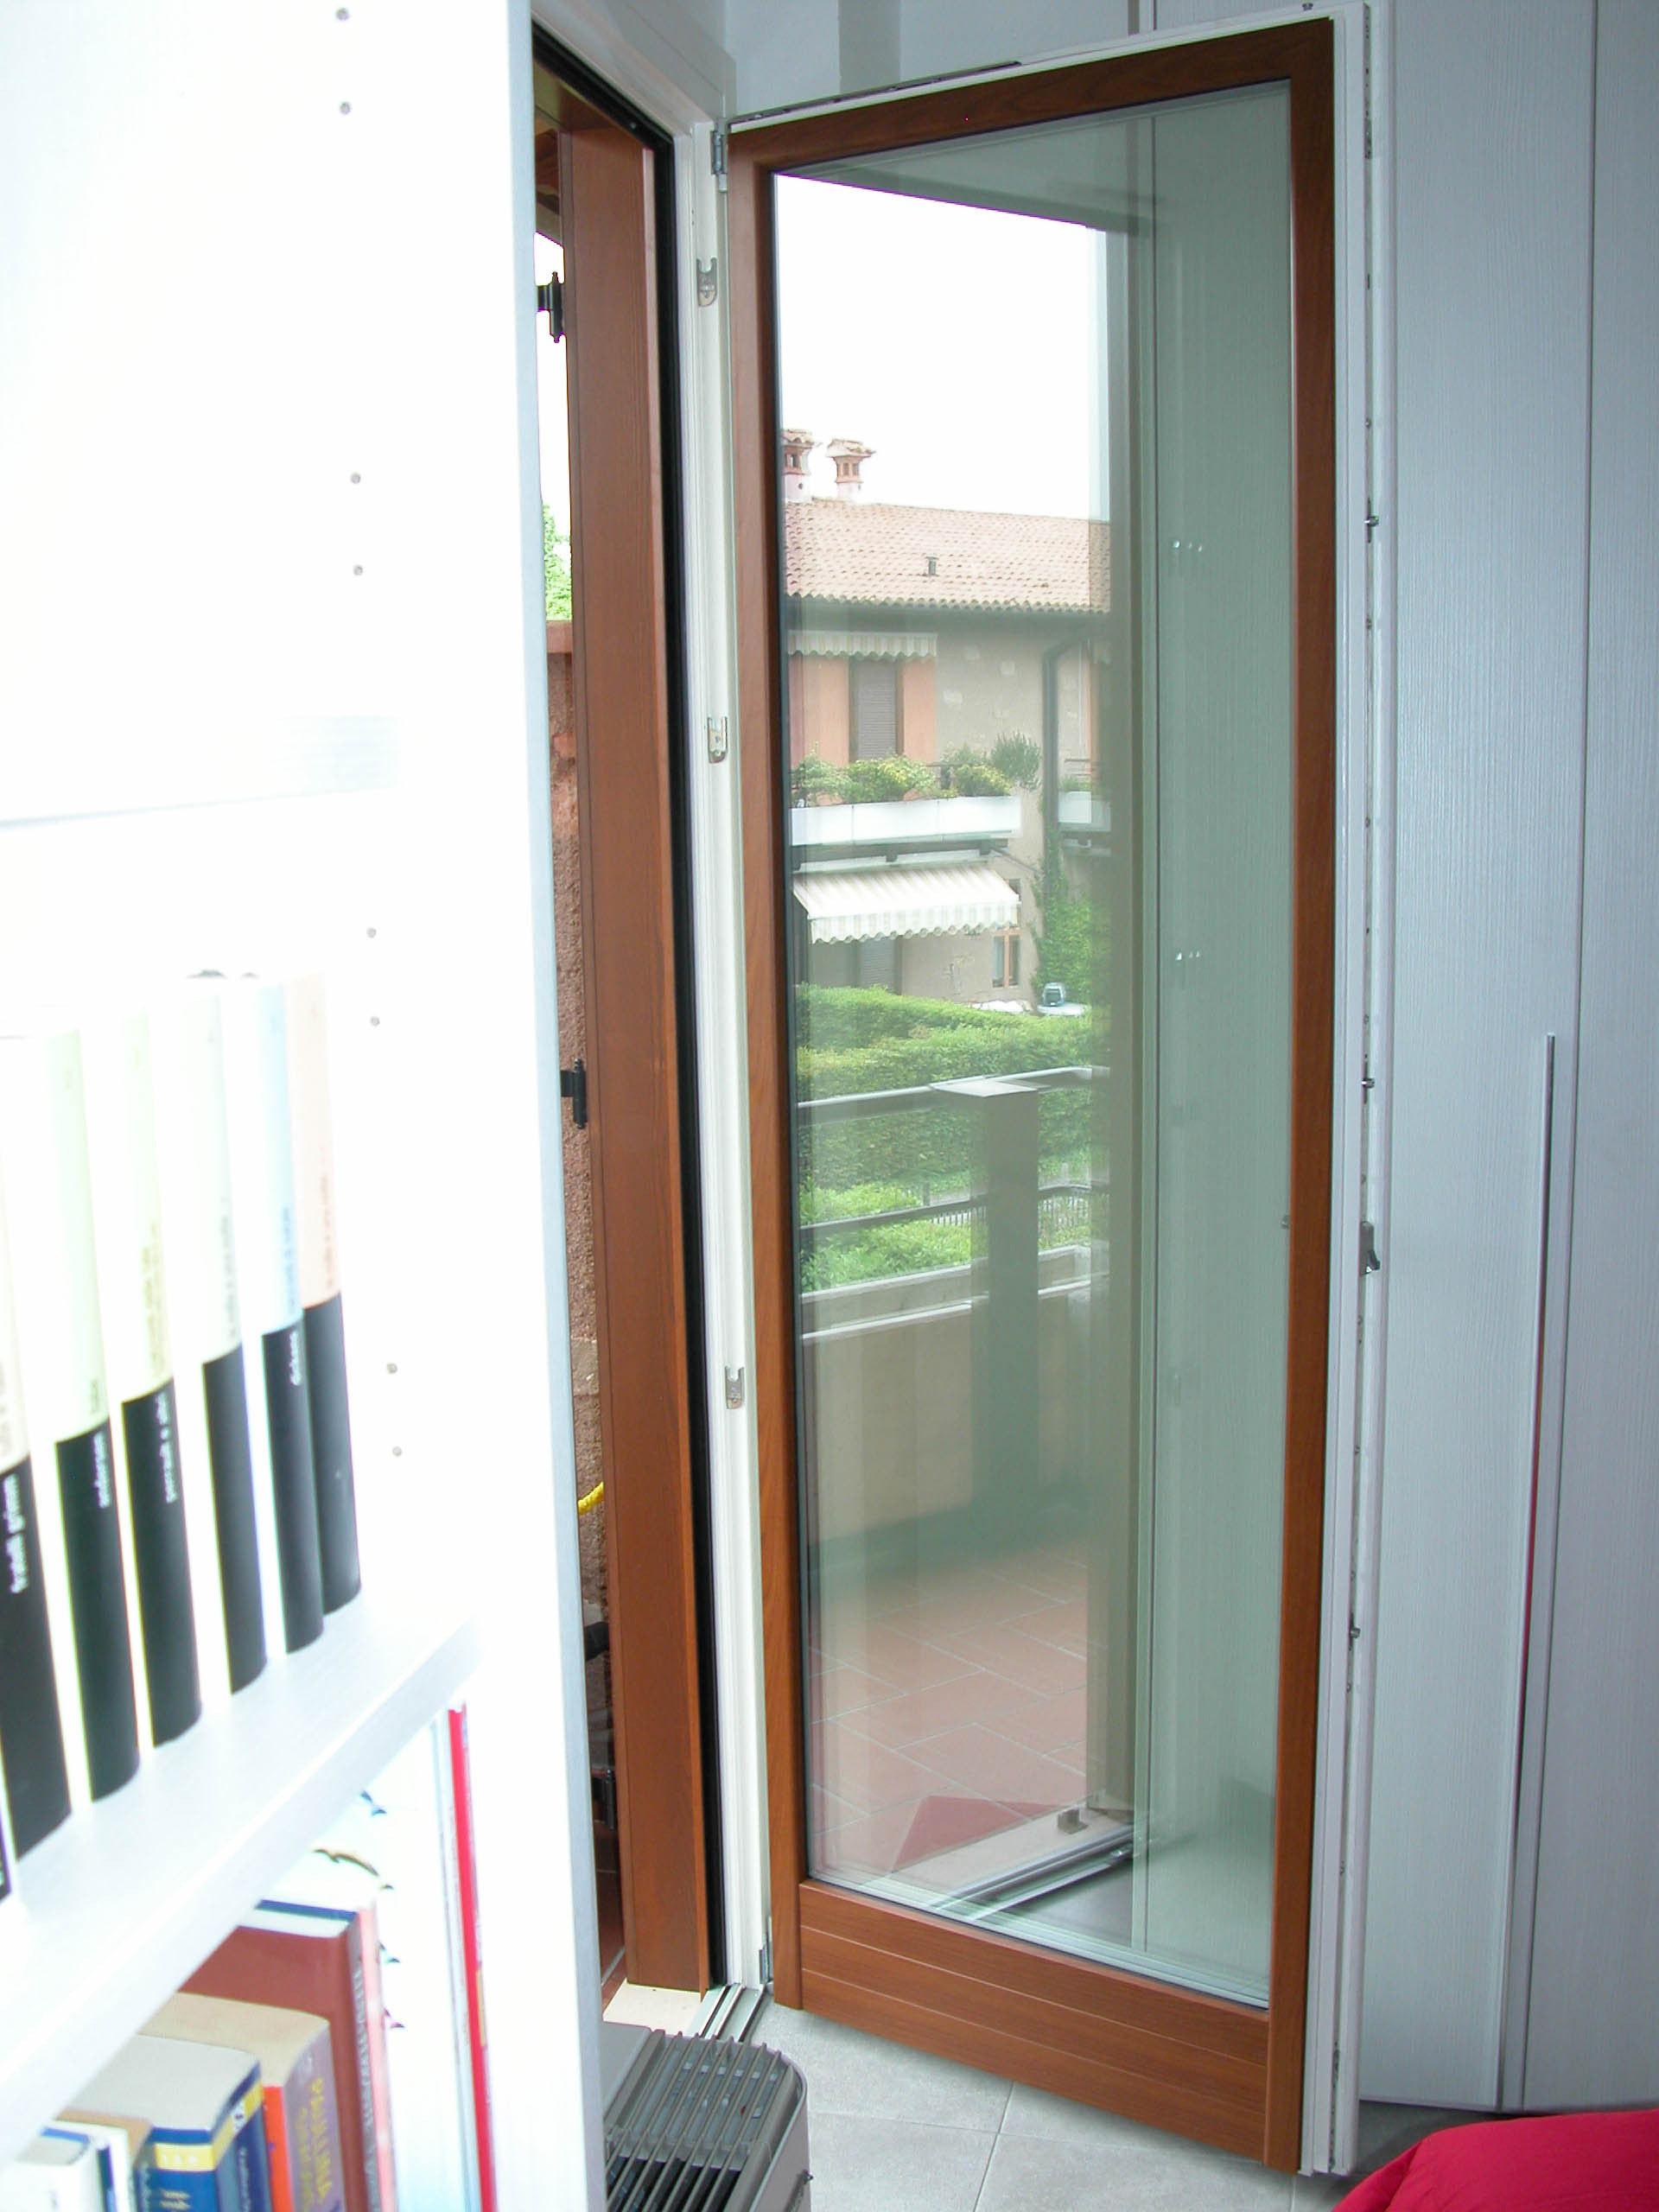 Pf1 porta finestra in legno alluminio ad una anta g - Porta finestra alluminio ...